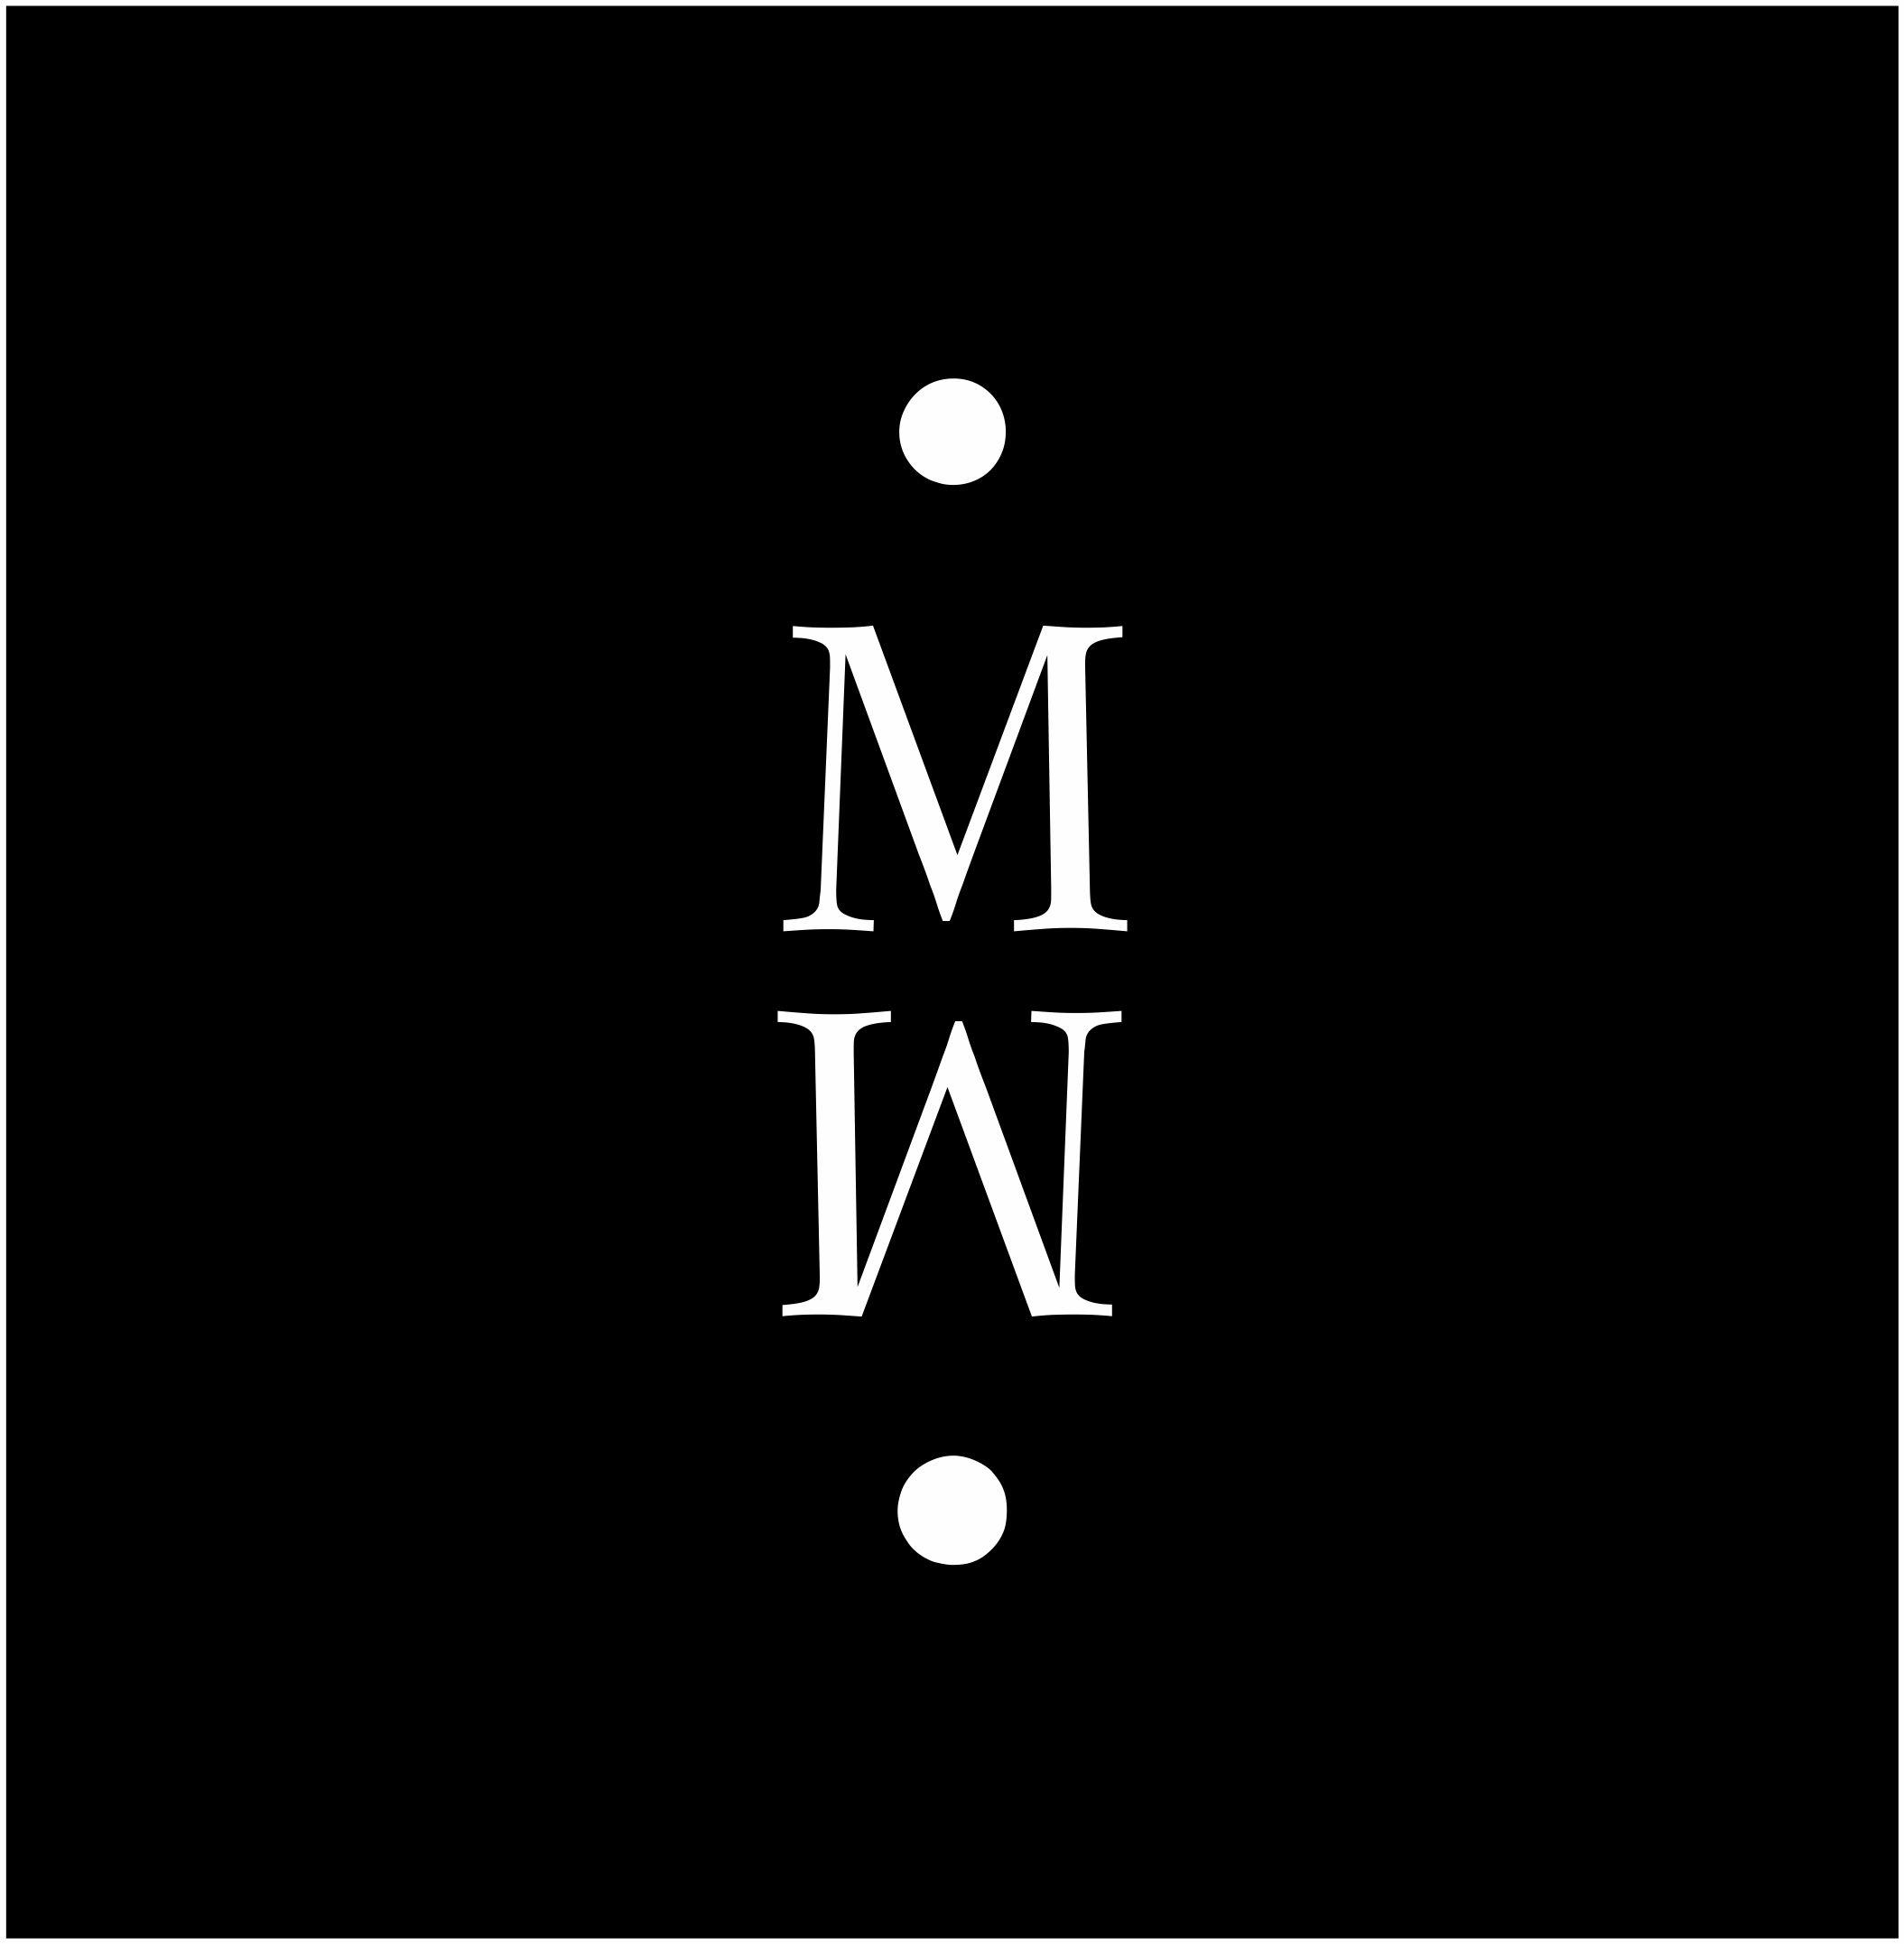 schwarzes MoosMoos Logo MM mit weißem Rand